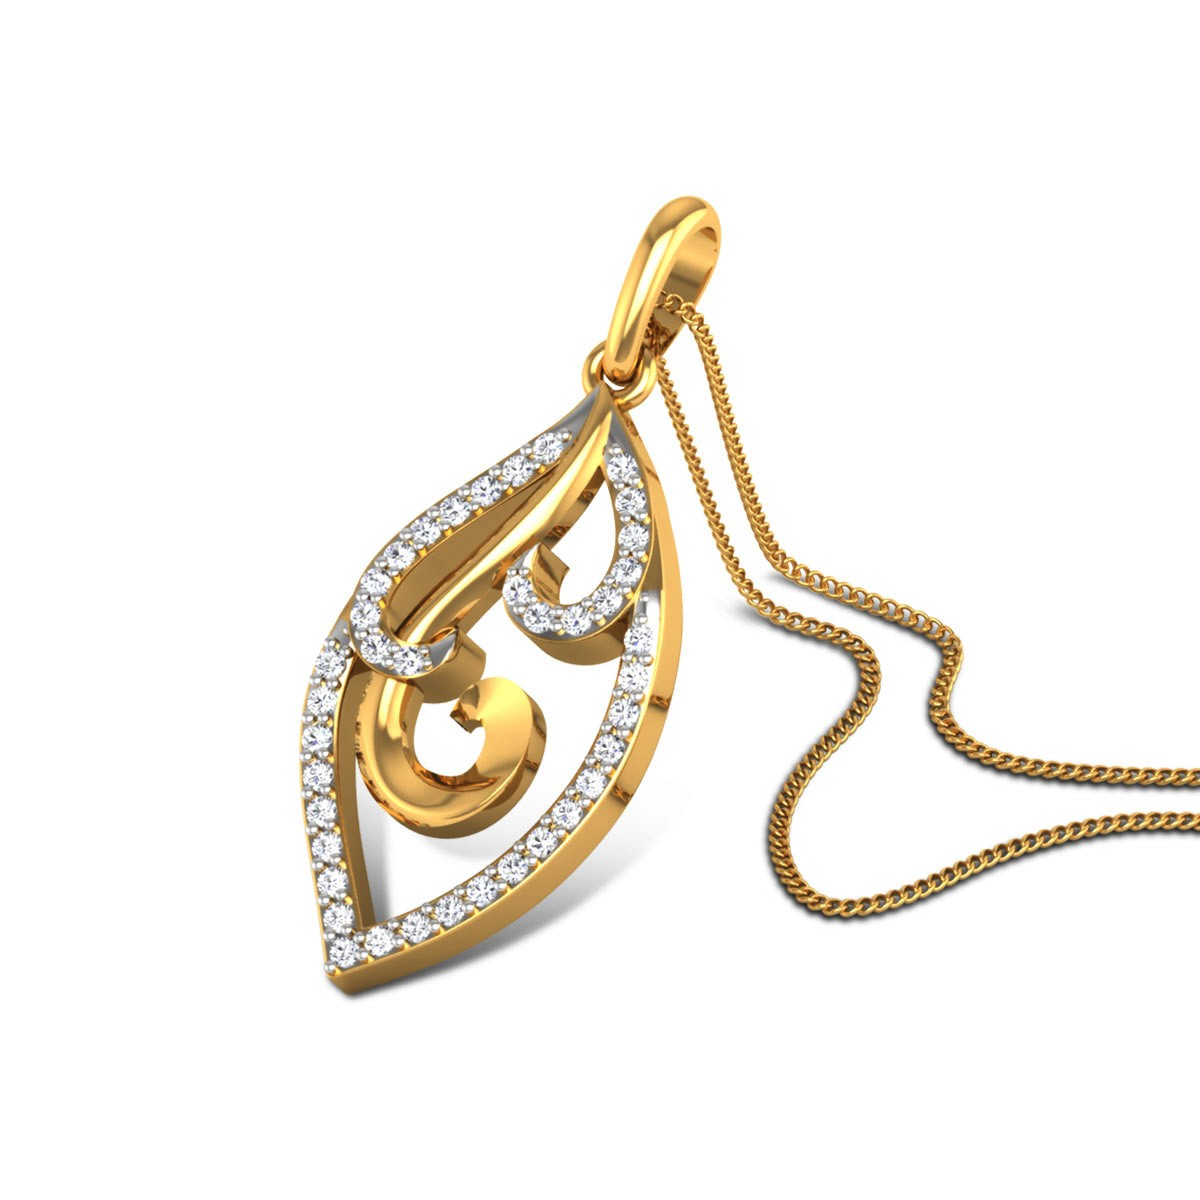 Tasha Diamond Pendant